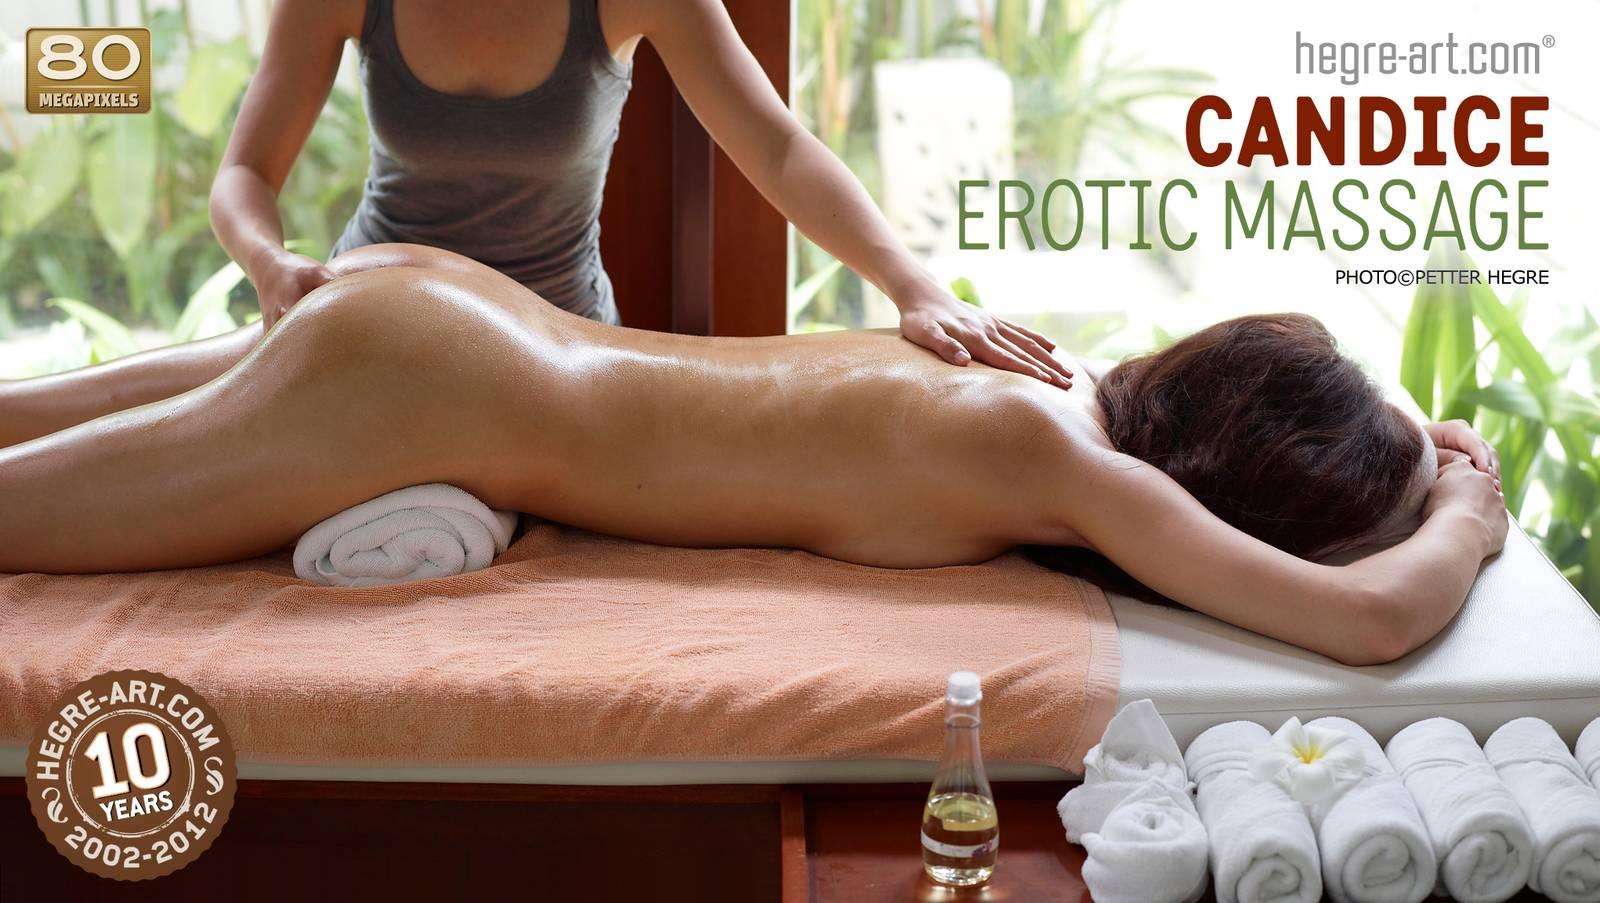 Erotig Massage